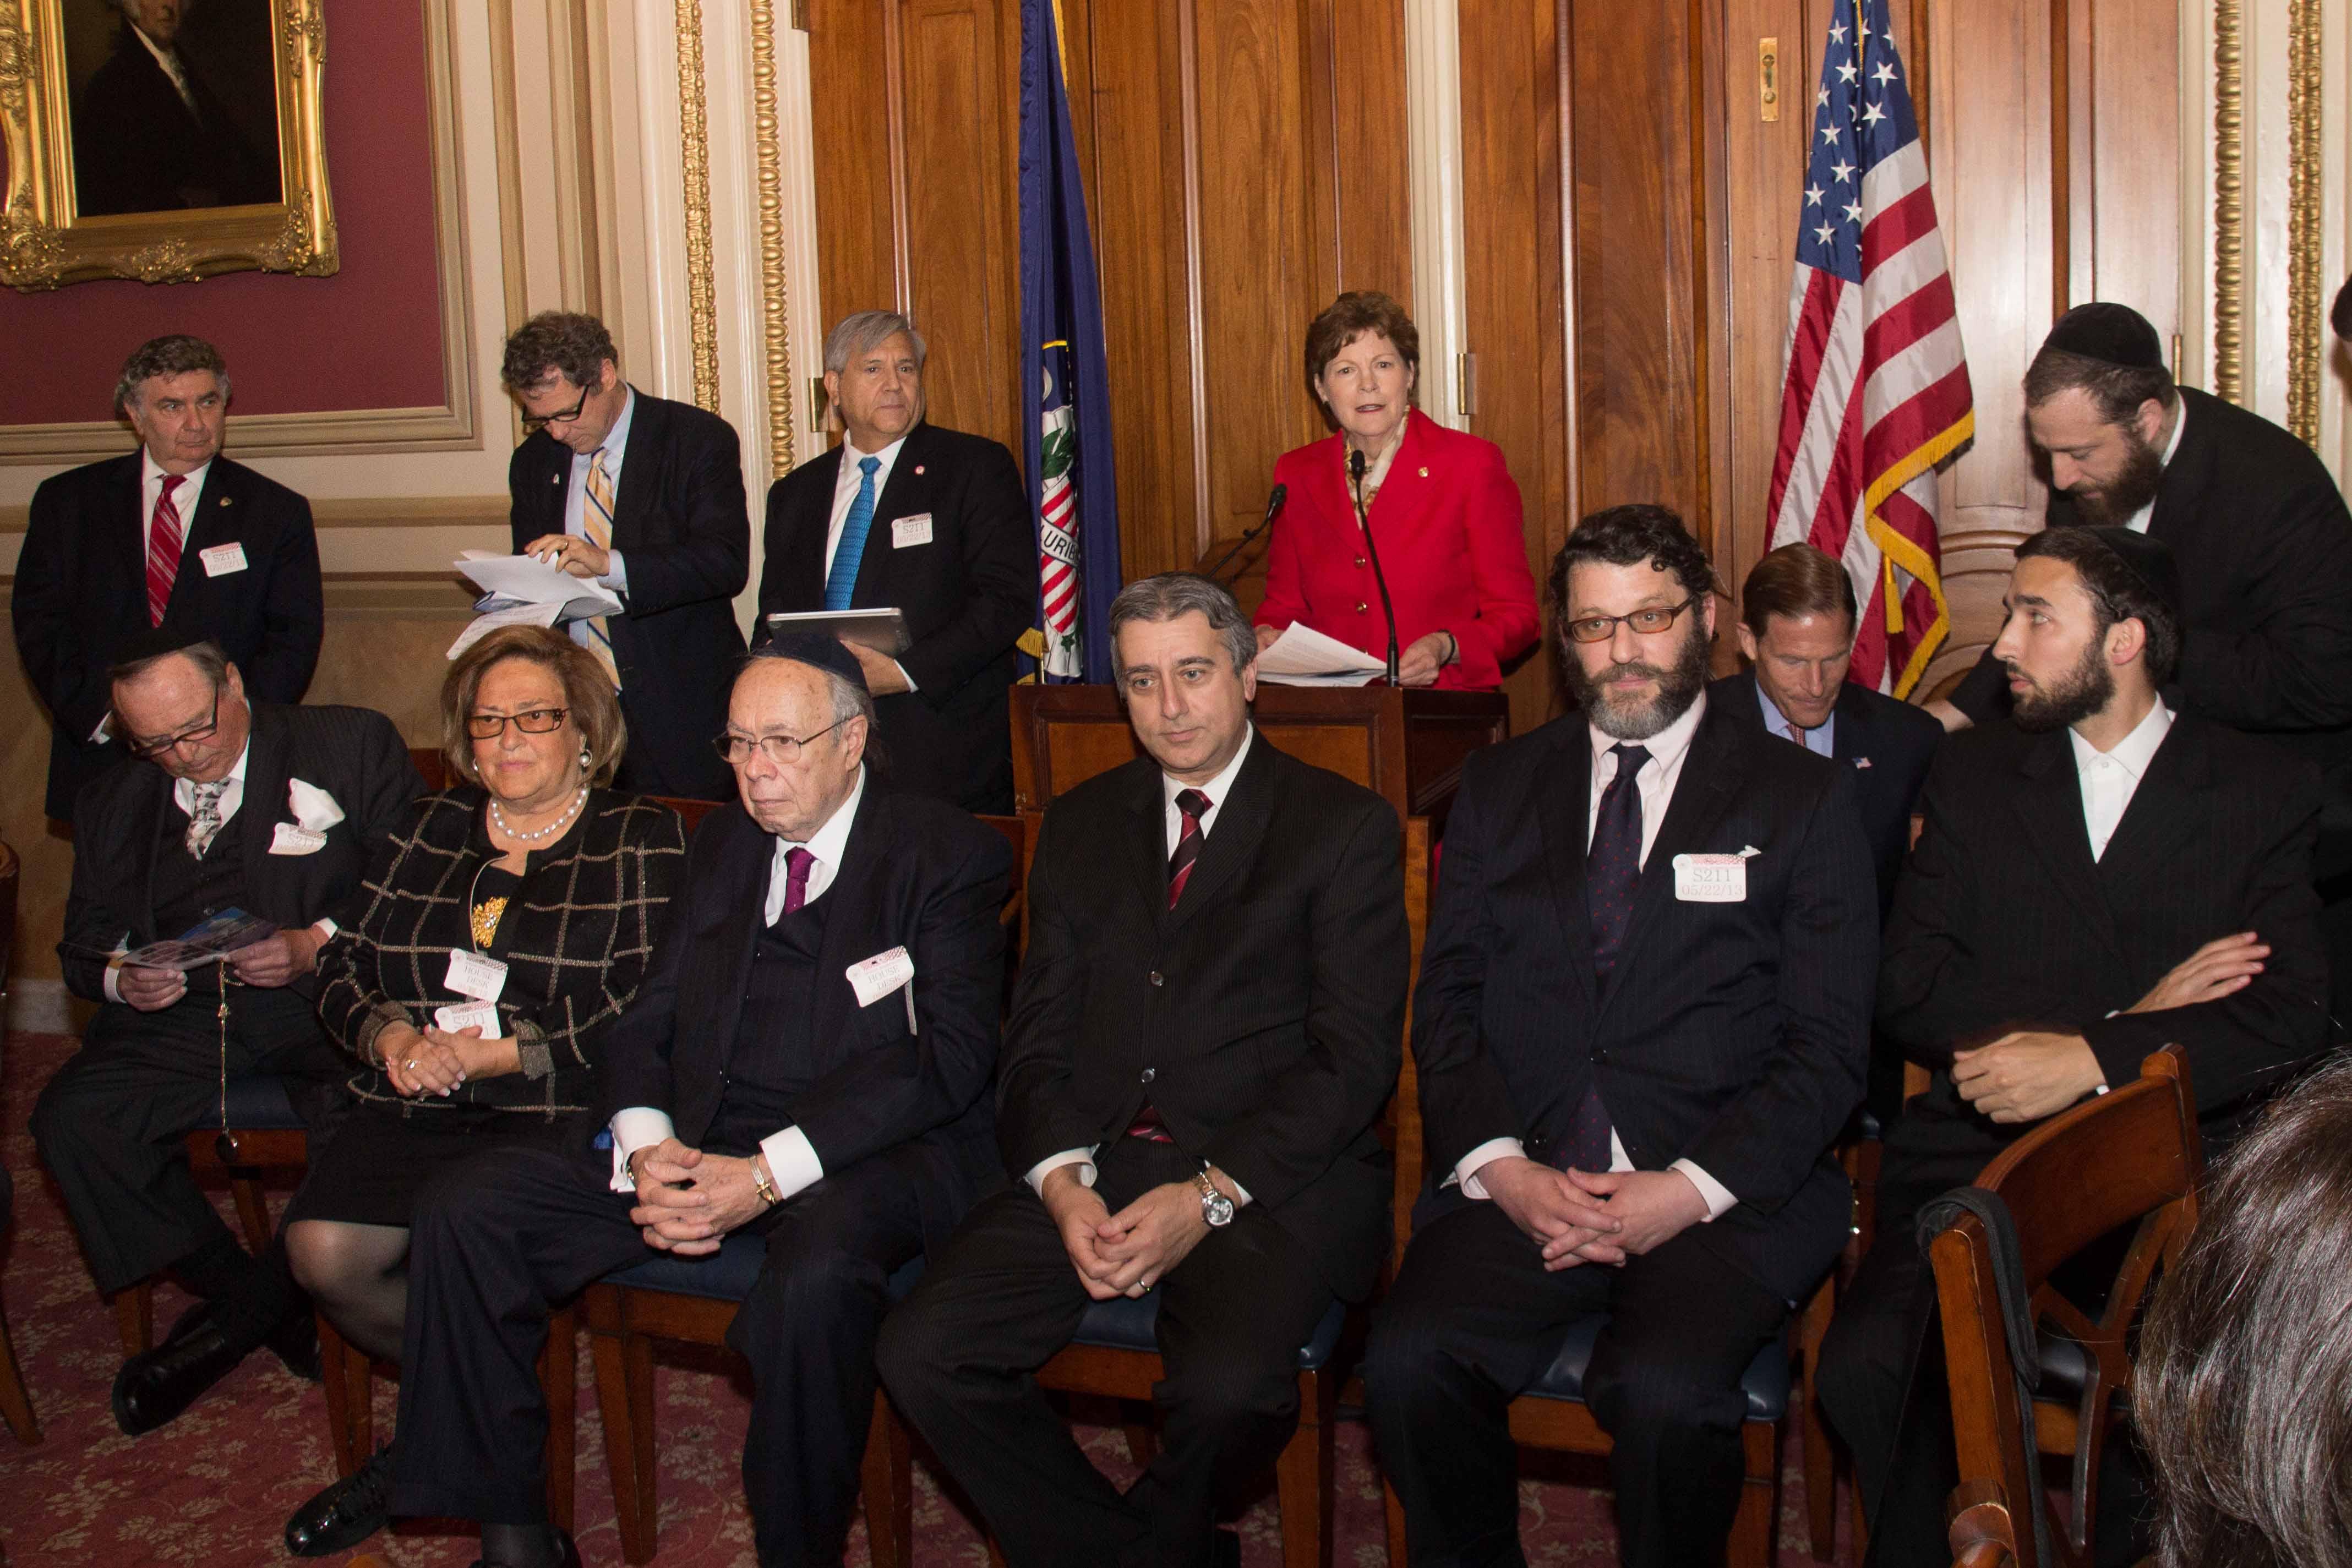 Senator Jeanne Shaheen speaking